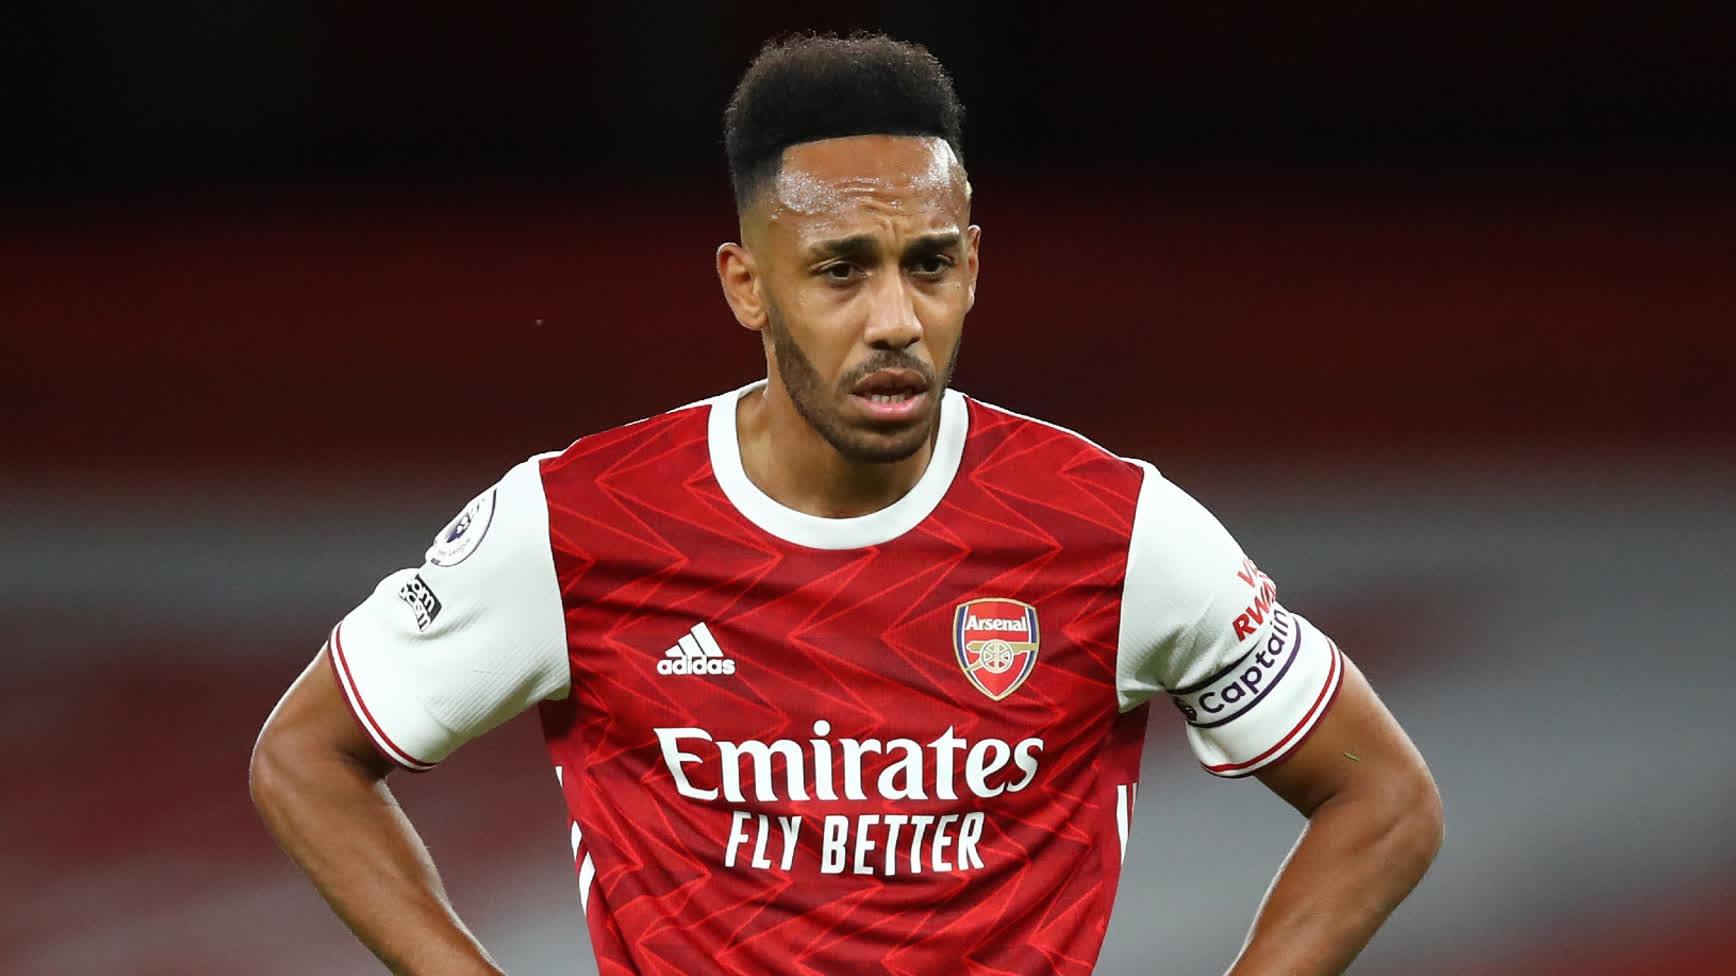 """Chuyển nhượng 23/8: Fan Arsenal nổi giận đùng đùng, đòi CLB cắt hợp đồng với """"kẻ phản bội""""  - Ảnh 3."""